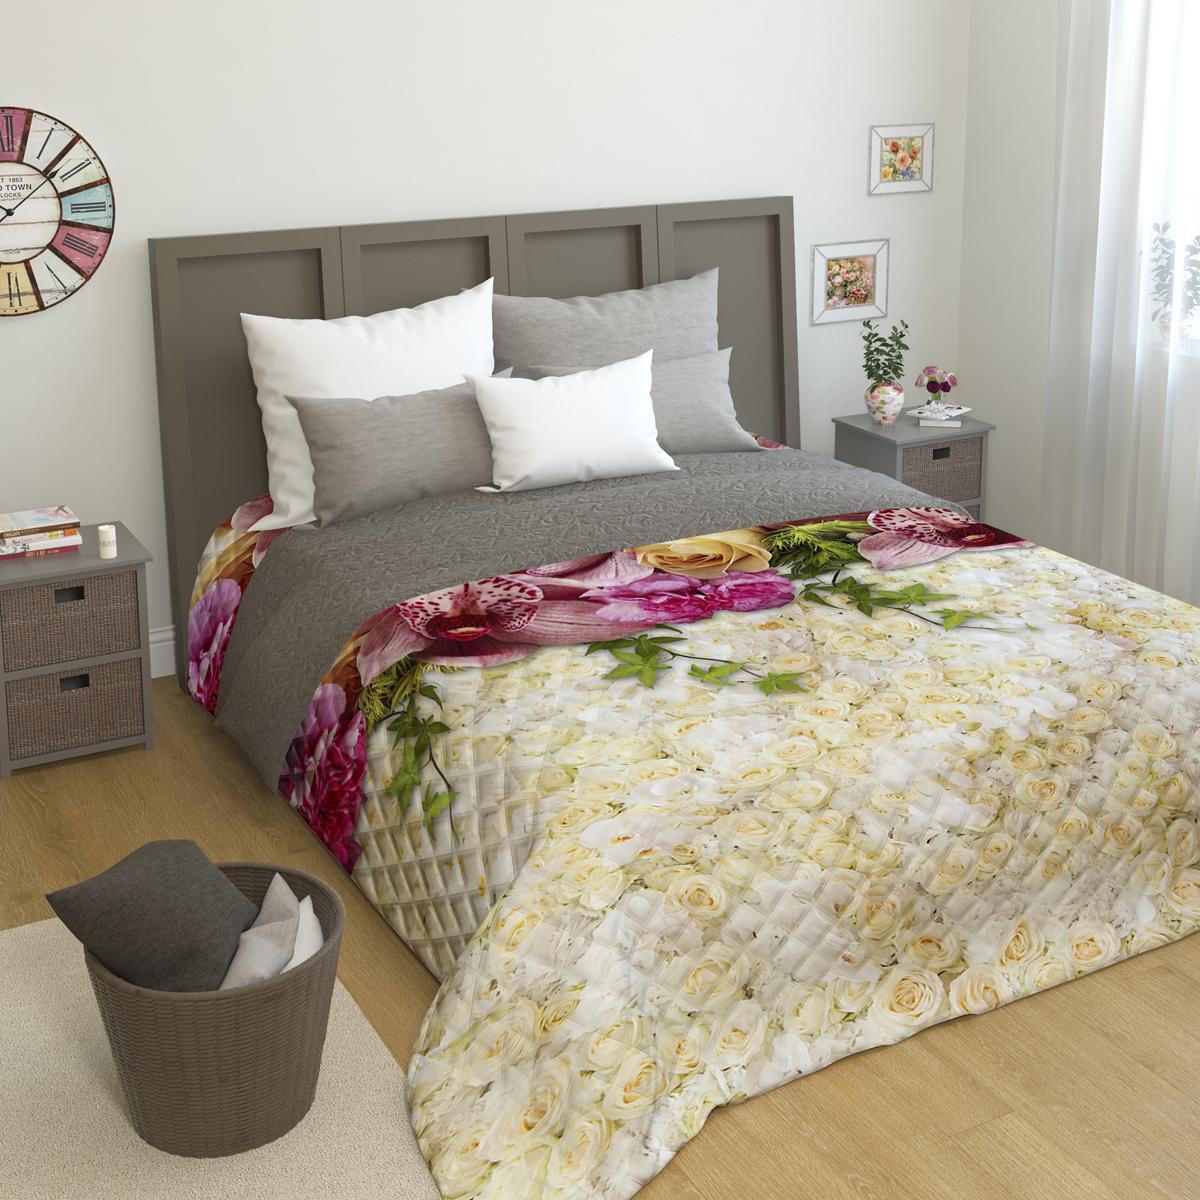 Покрывало стеганое Сирень Розы и орхидеи, 200 х 220 смПКМК005-09236Стеганое покрывало Сирень - это правильный выбор для любой хозяйки. Стеганые покрывала выгодно преобразят дизайн любого интерьера спальни. При изготовлении используется плотная микрофибра. В сочетании со стильным и четким рисунком, созданным с помощью 3D фотопечати стеганые покрывала всегда будут отличным приобретением для Вашей спальни и подарком для друзей и близких! Рисунок стежки выполнен современным способом Ультрастэп (без использования ниток). Использование данного способа стежки защищает от миграции волокна во время стирки в деликатном режиме при температуре 30 градусов. Размер 200*220 (+/- 2см ) Наволочки в комплект не входят. Покрывало легко стирать при 30-40 градусов, гладить при 150 градусах, не отбеливать. Цвет покрывала в комплектации может немного отличаться от представленного на фото.